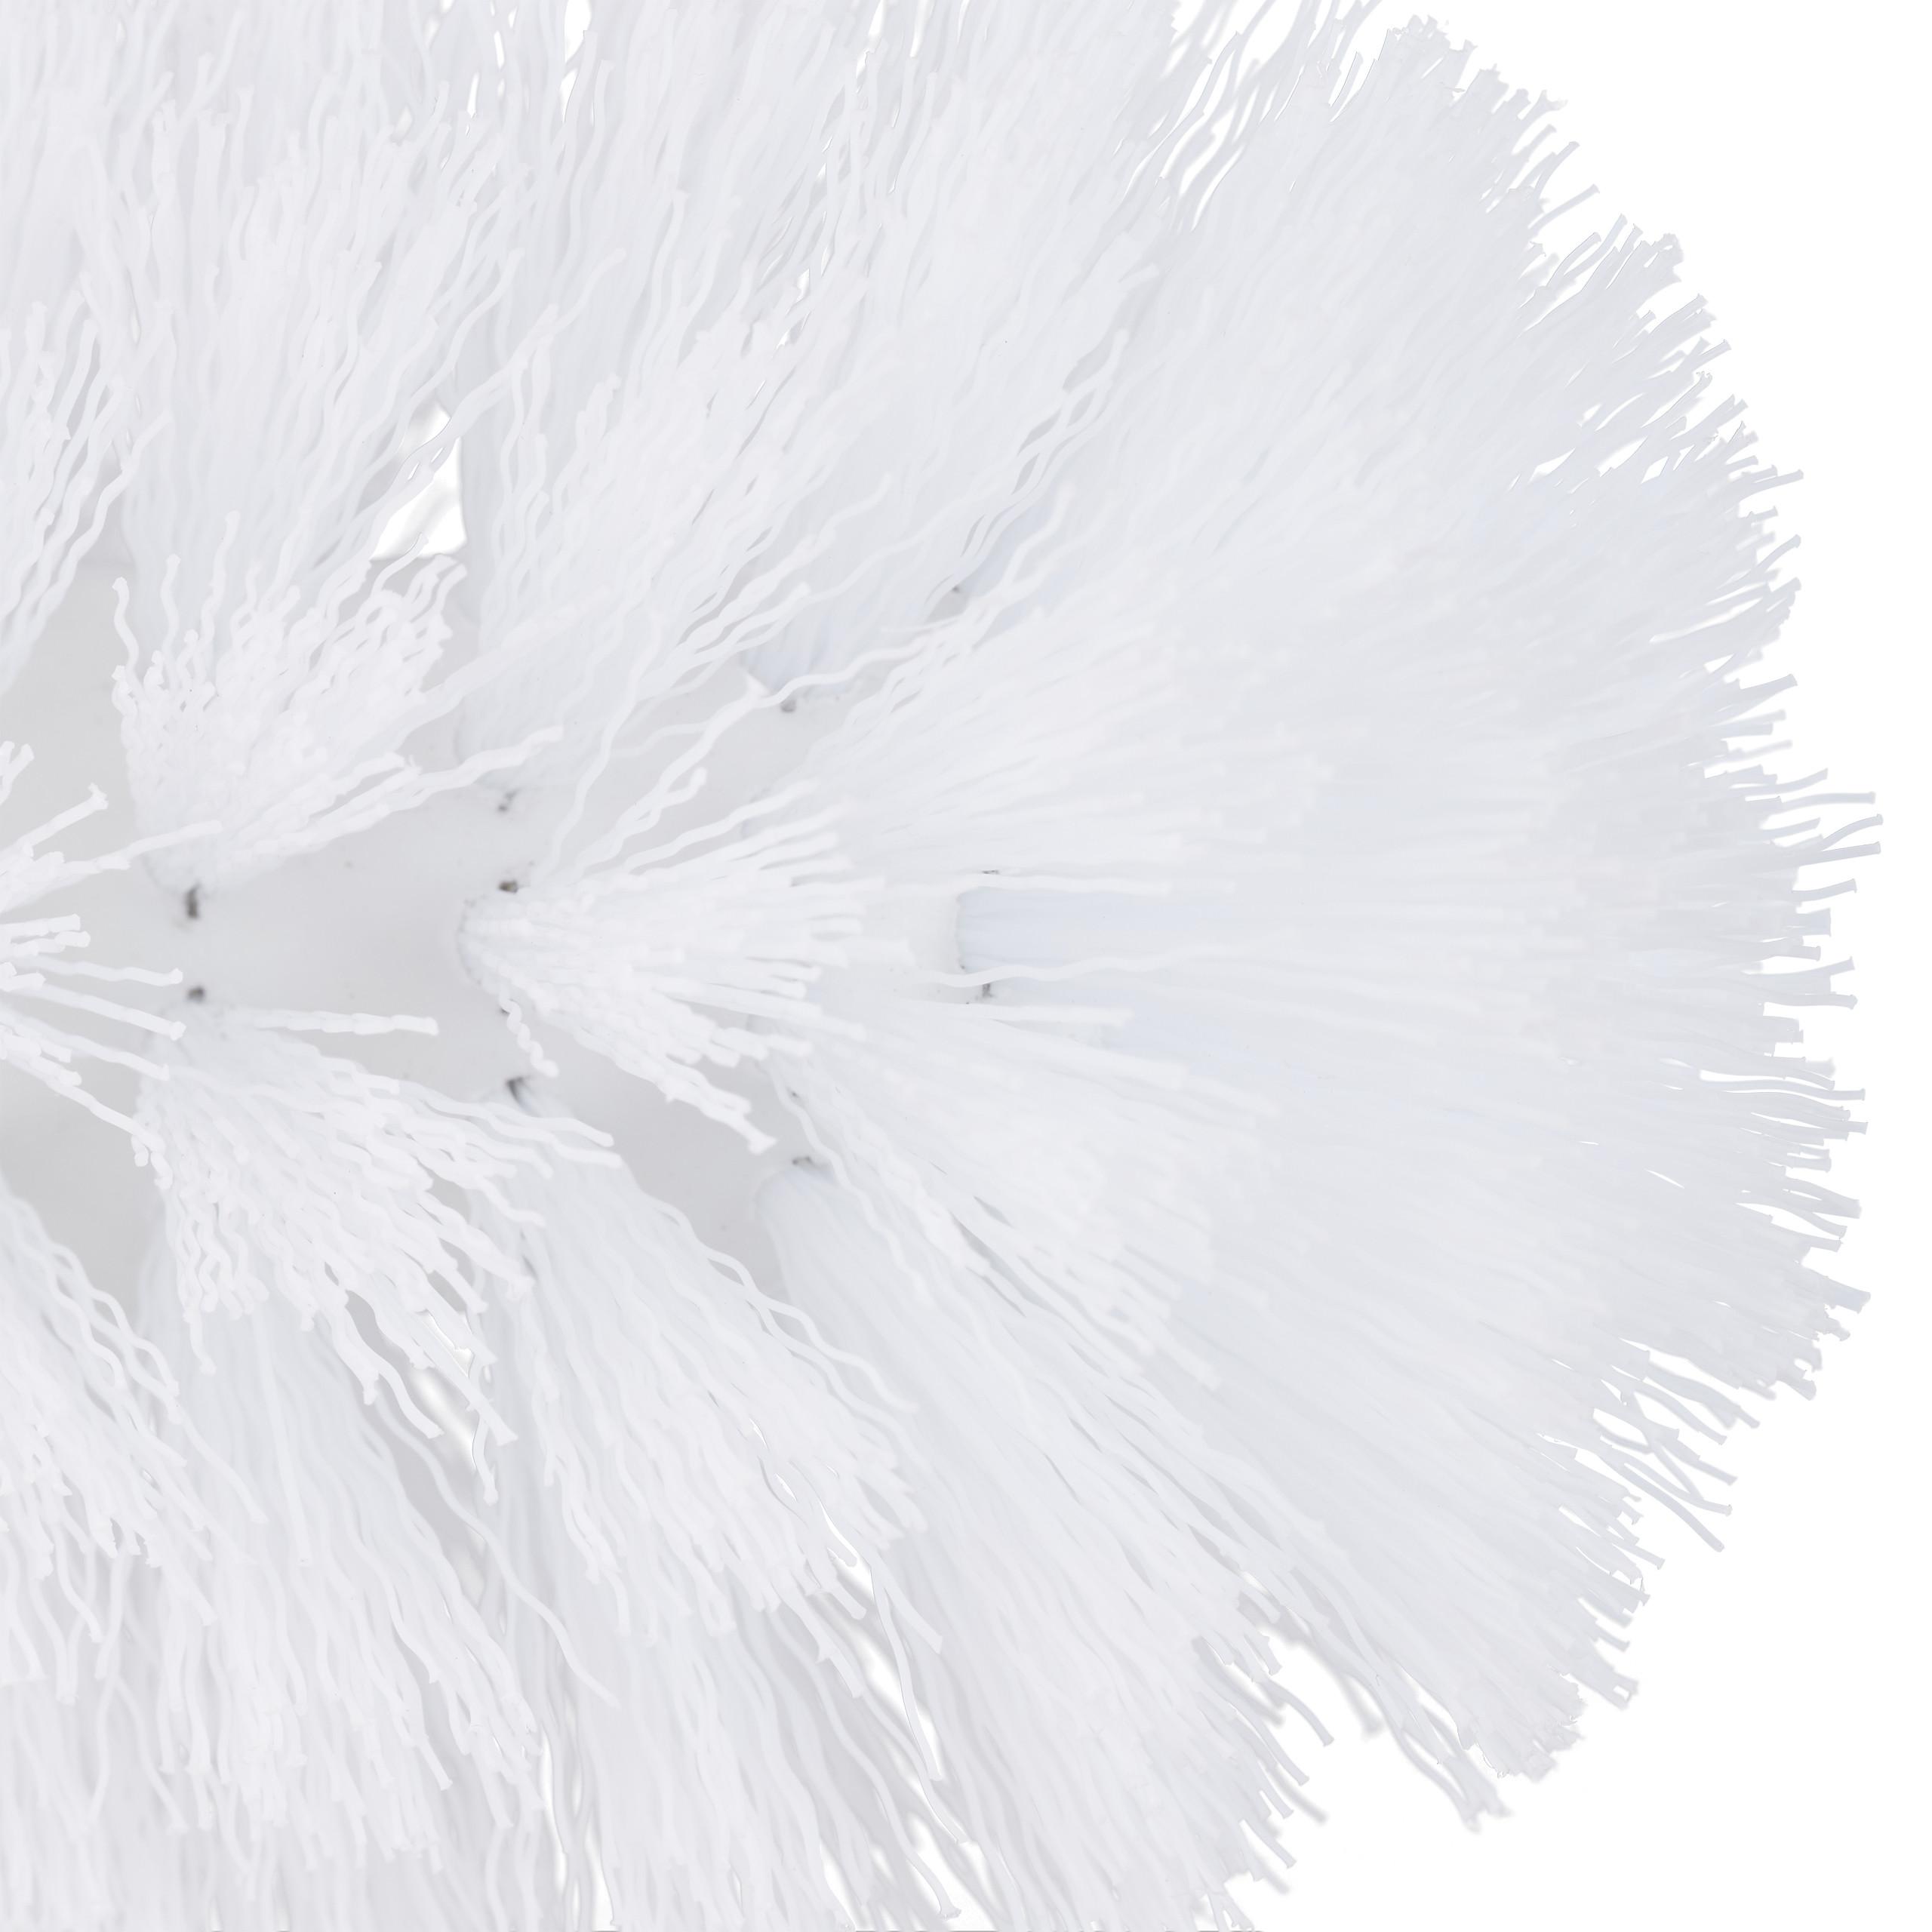 9 x Klobürste Ersatzbürstenkopf weiß Bürstenkopf Klobürstenkopf Bürstenaufsatz